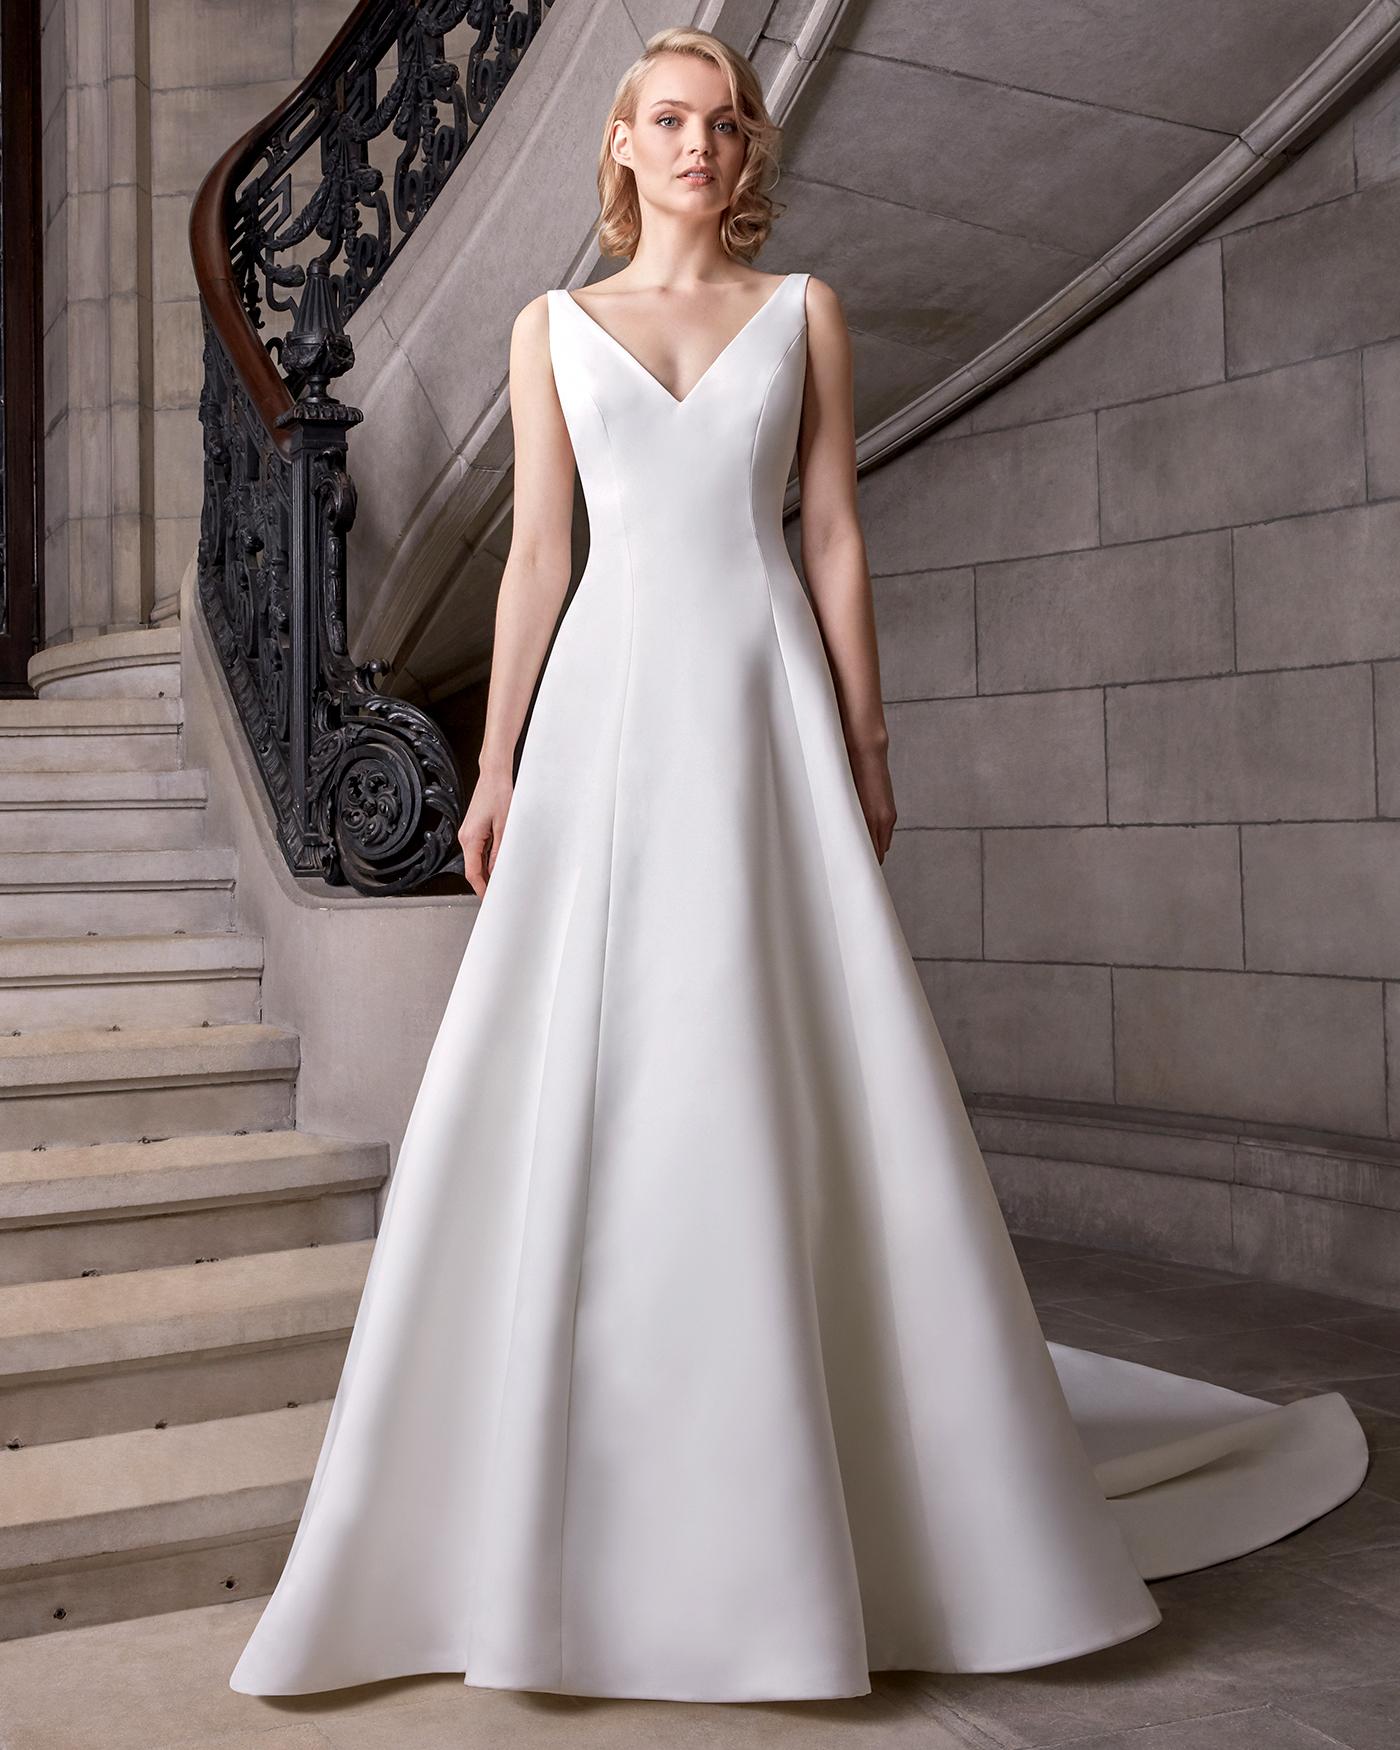 sareh nouri v-neck a-line wedding dress spring 2020